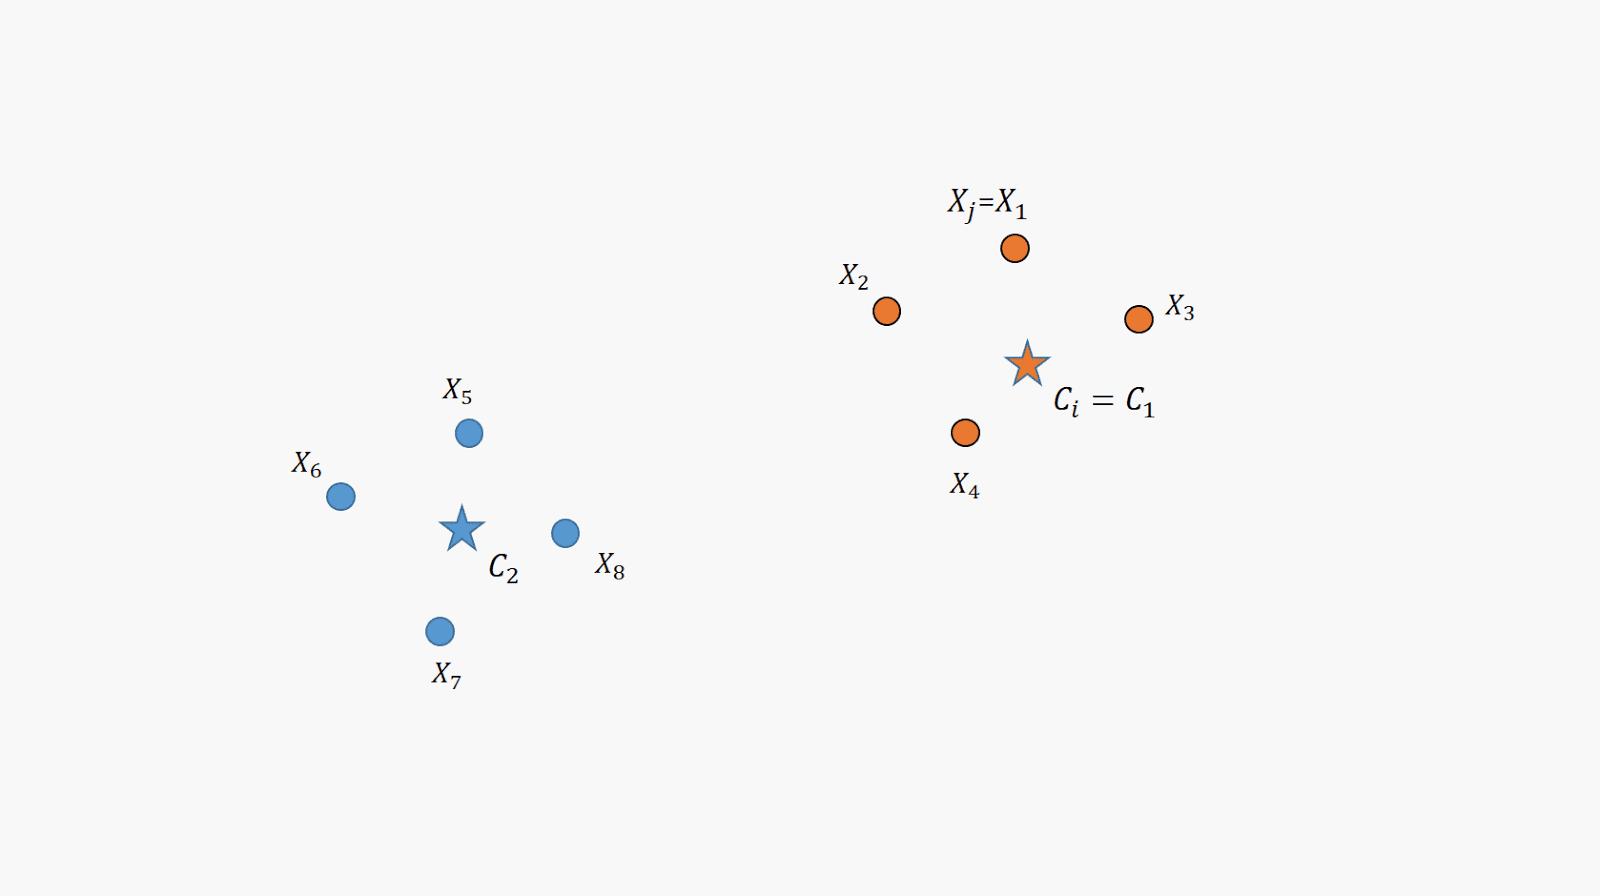 半工室Arduino Python NodeMCU: 《機器學習筆記》淺談Fuzzy C-Means